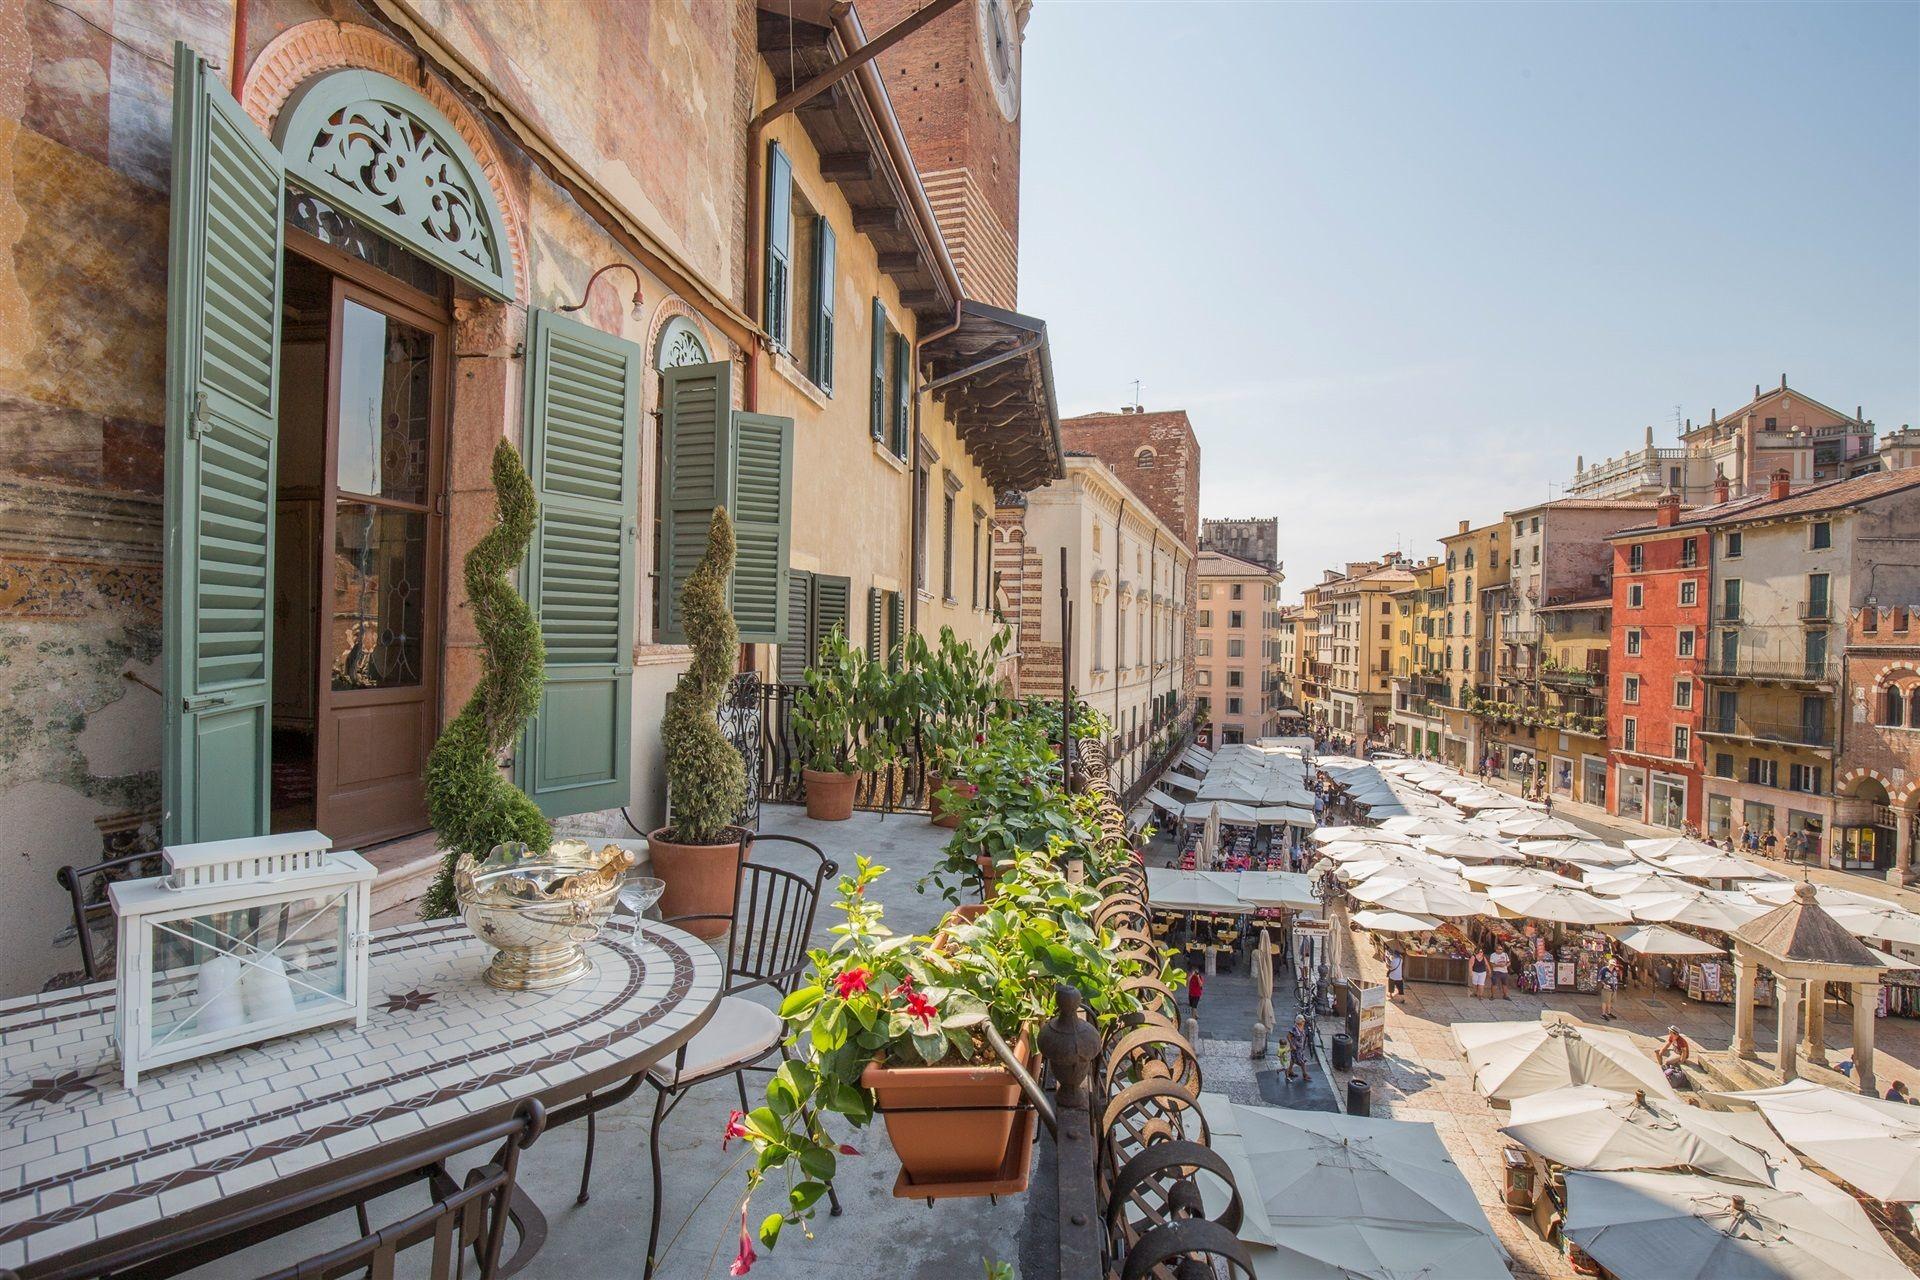 Esperienza a Verona, Italia di Inês